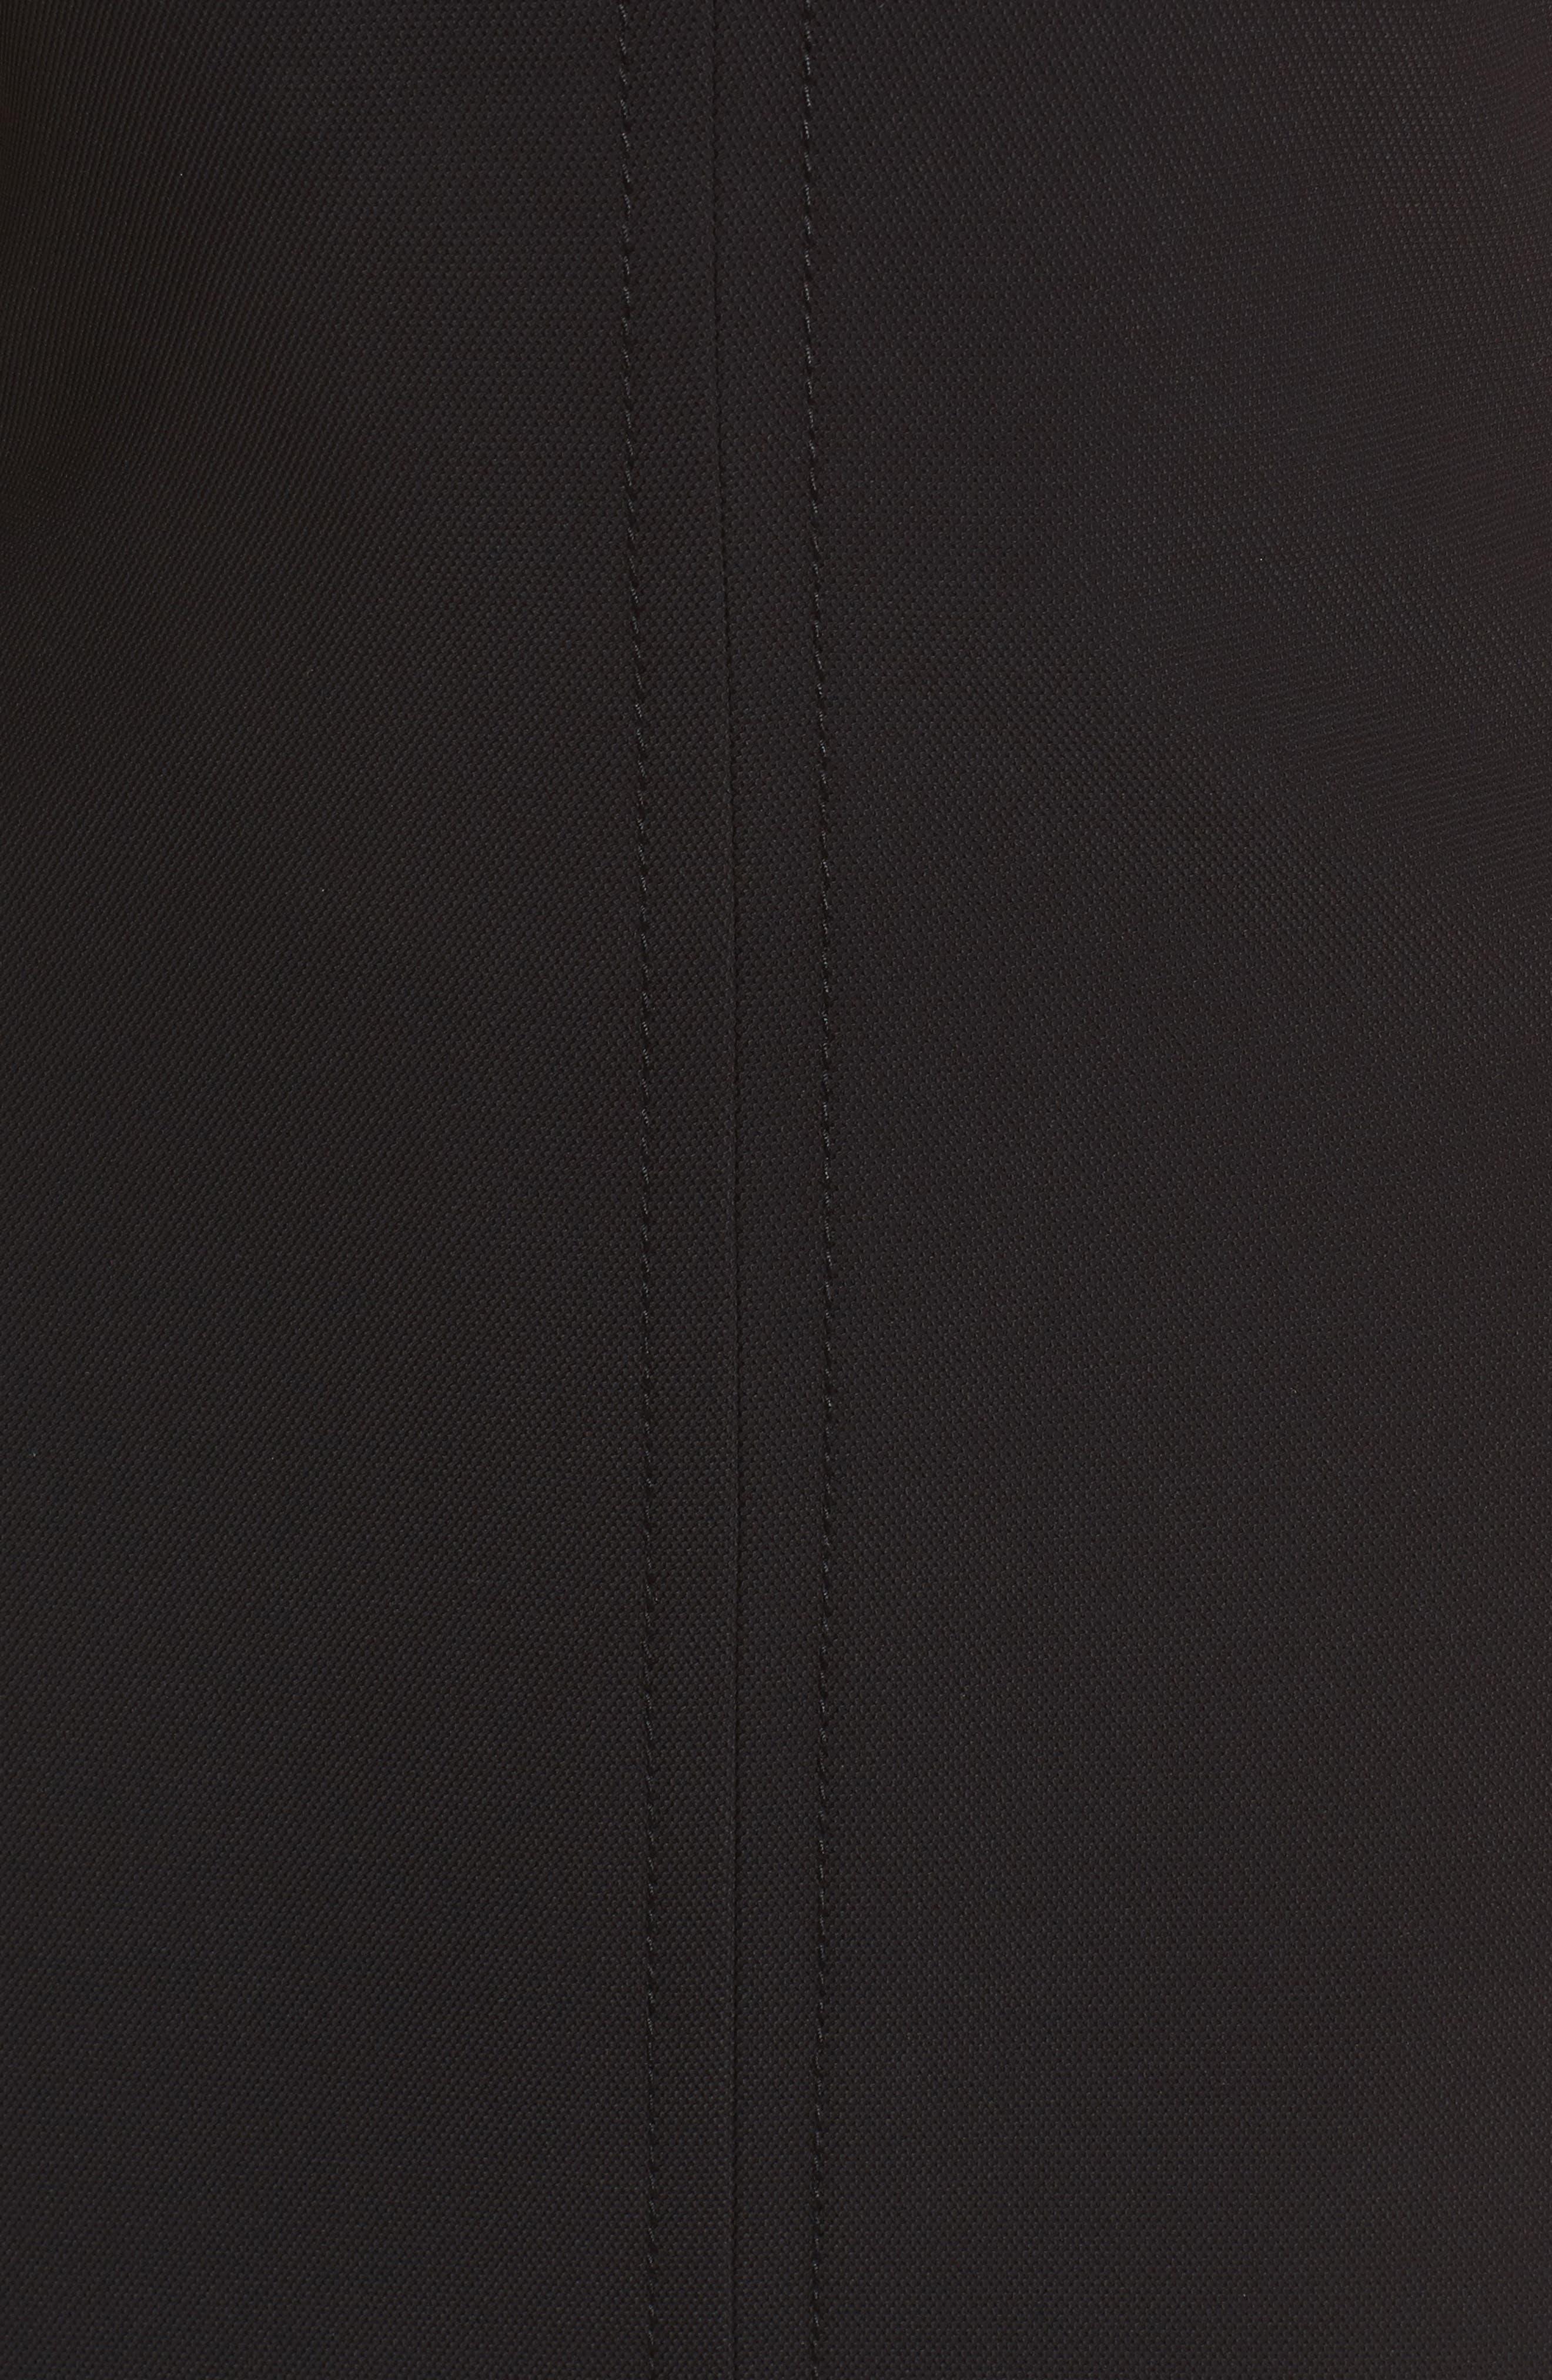 Dilamena Crepe Sheath Dress,                             Alternate thumbnail 5, color,                             Black